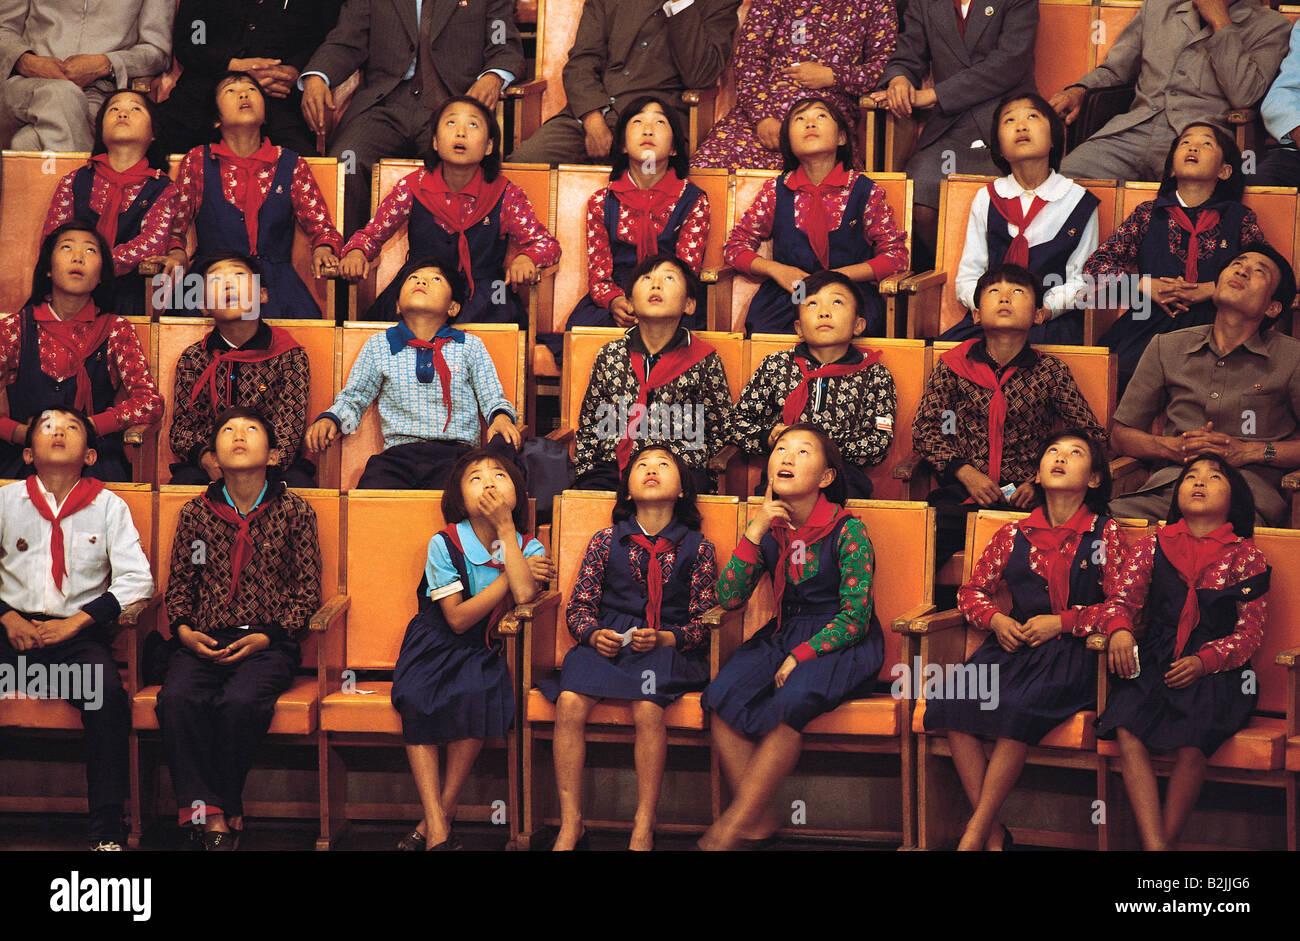 Korean school children audience . Looking up during acrobats show. - Stock Image